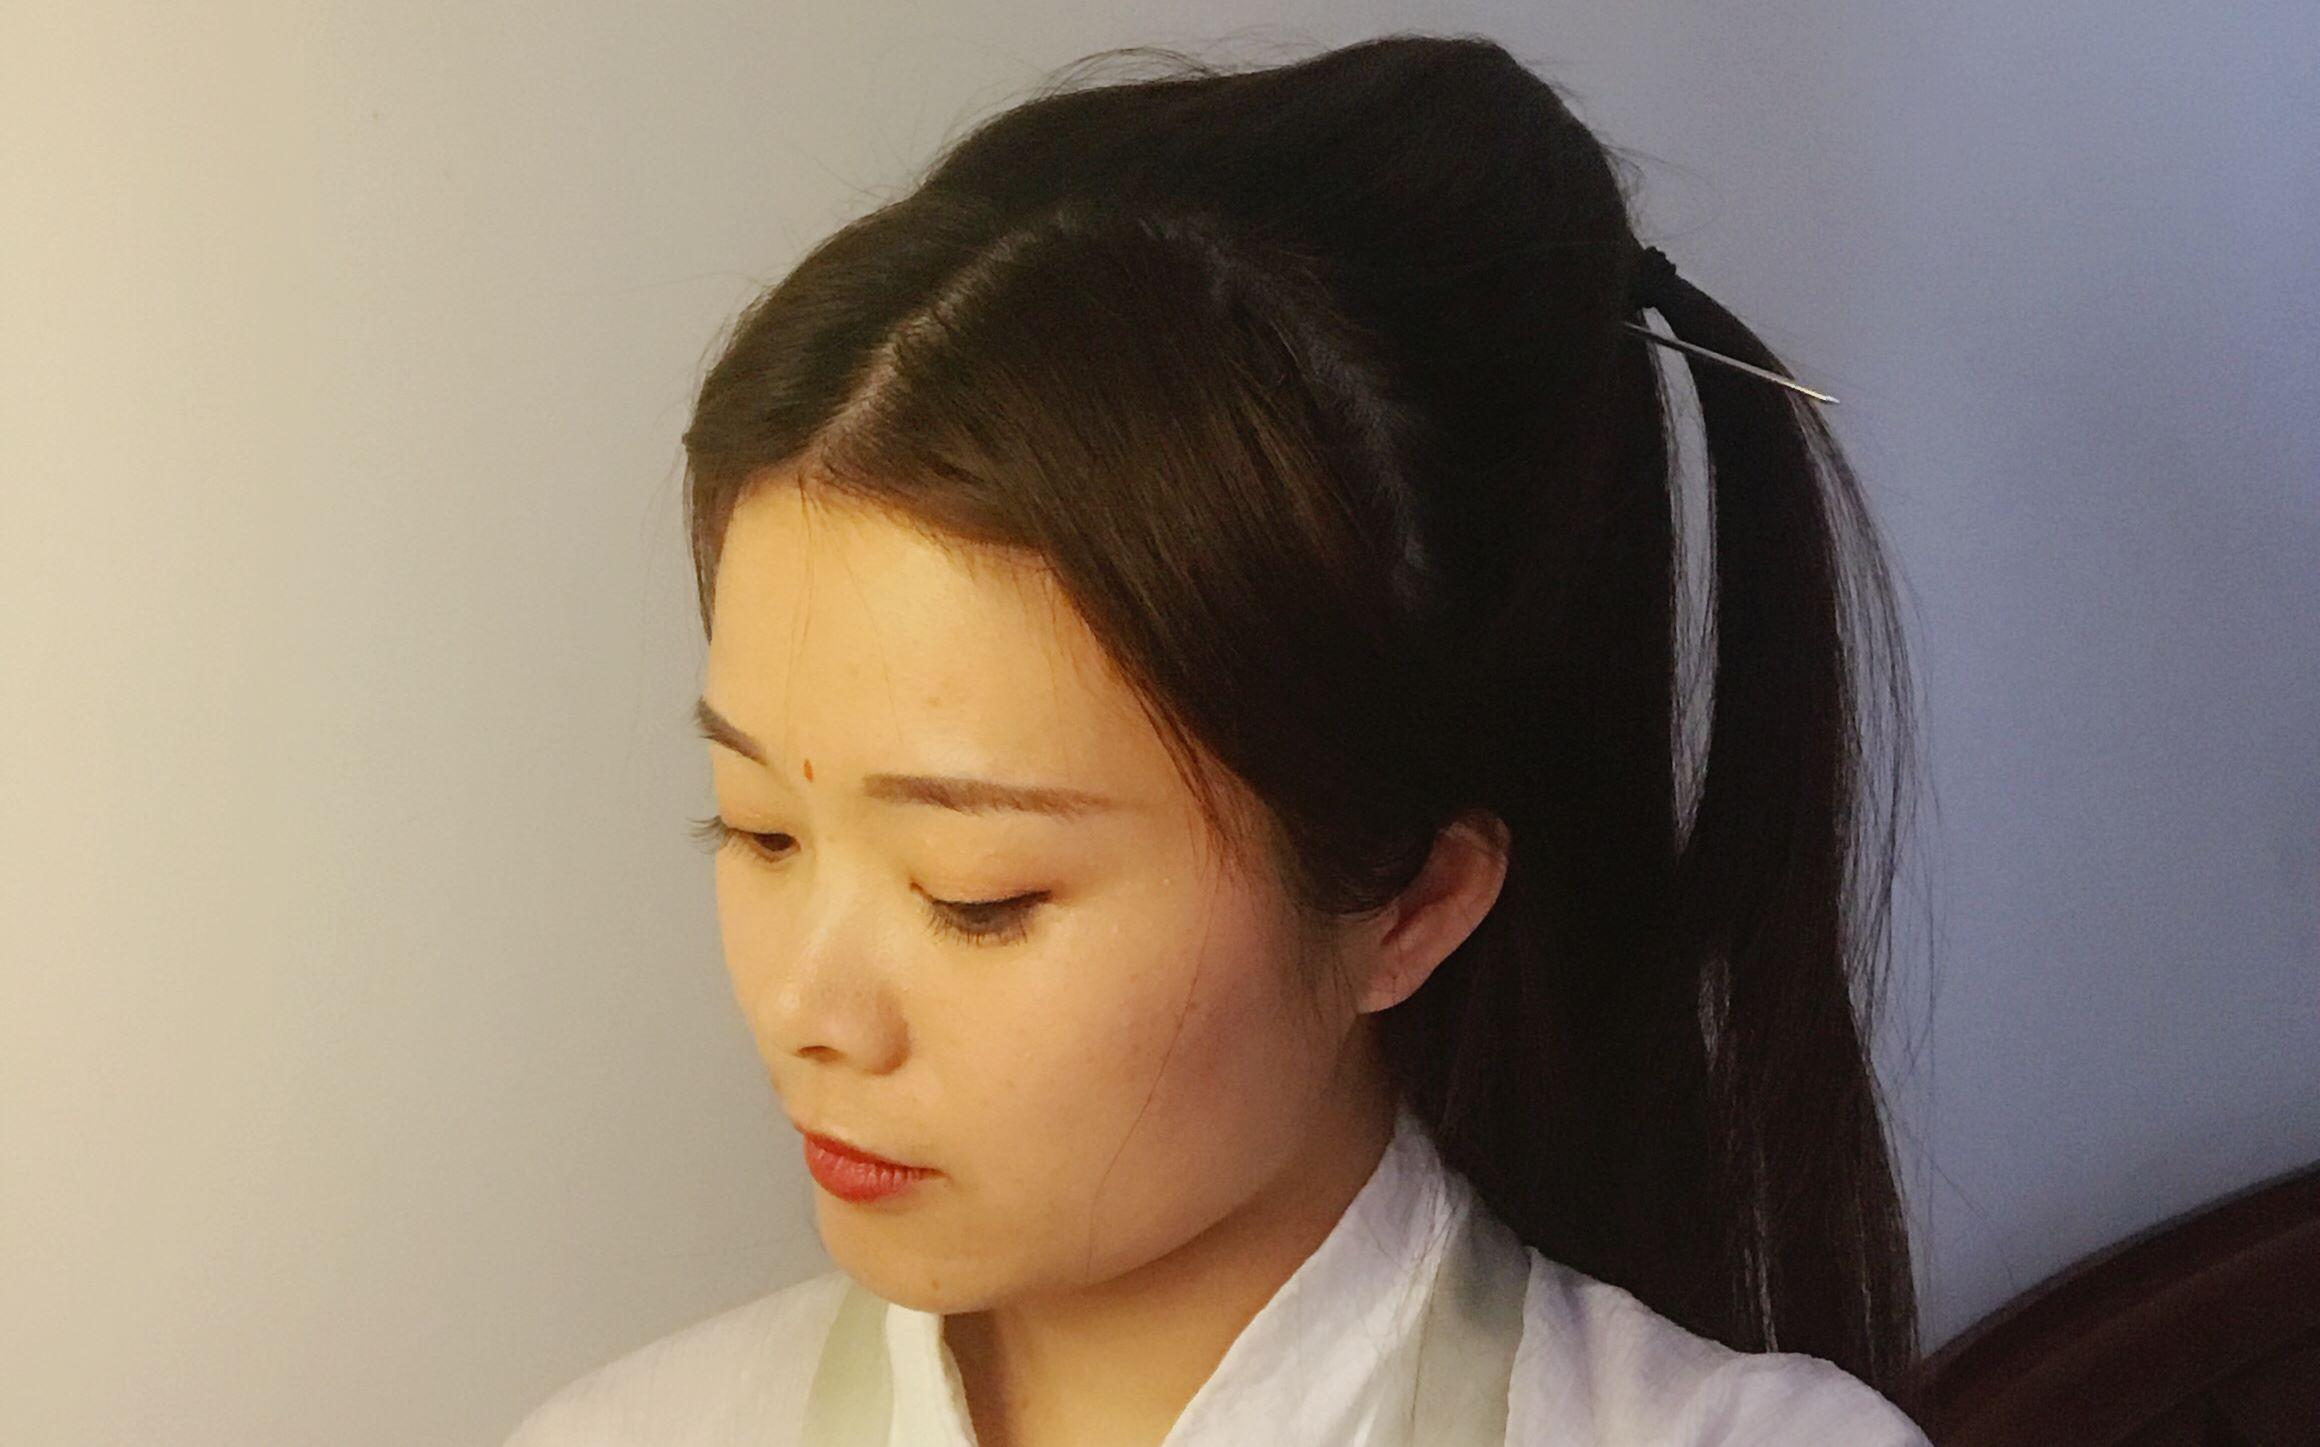 汉服发型之白浅图片